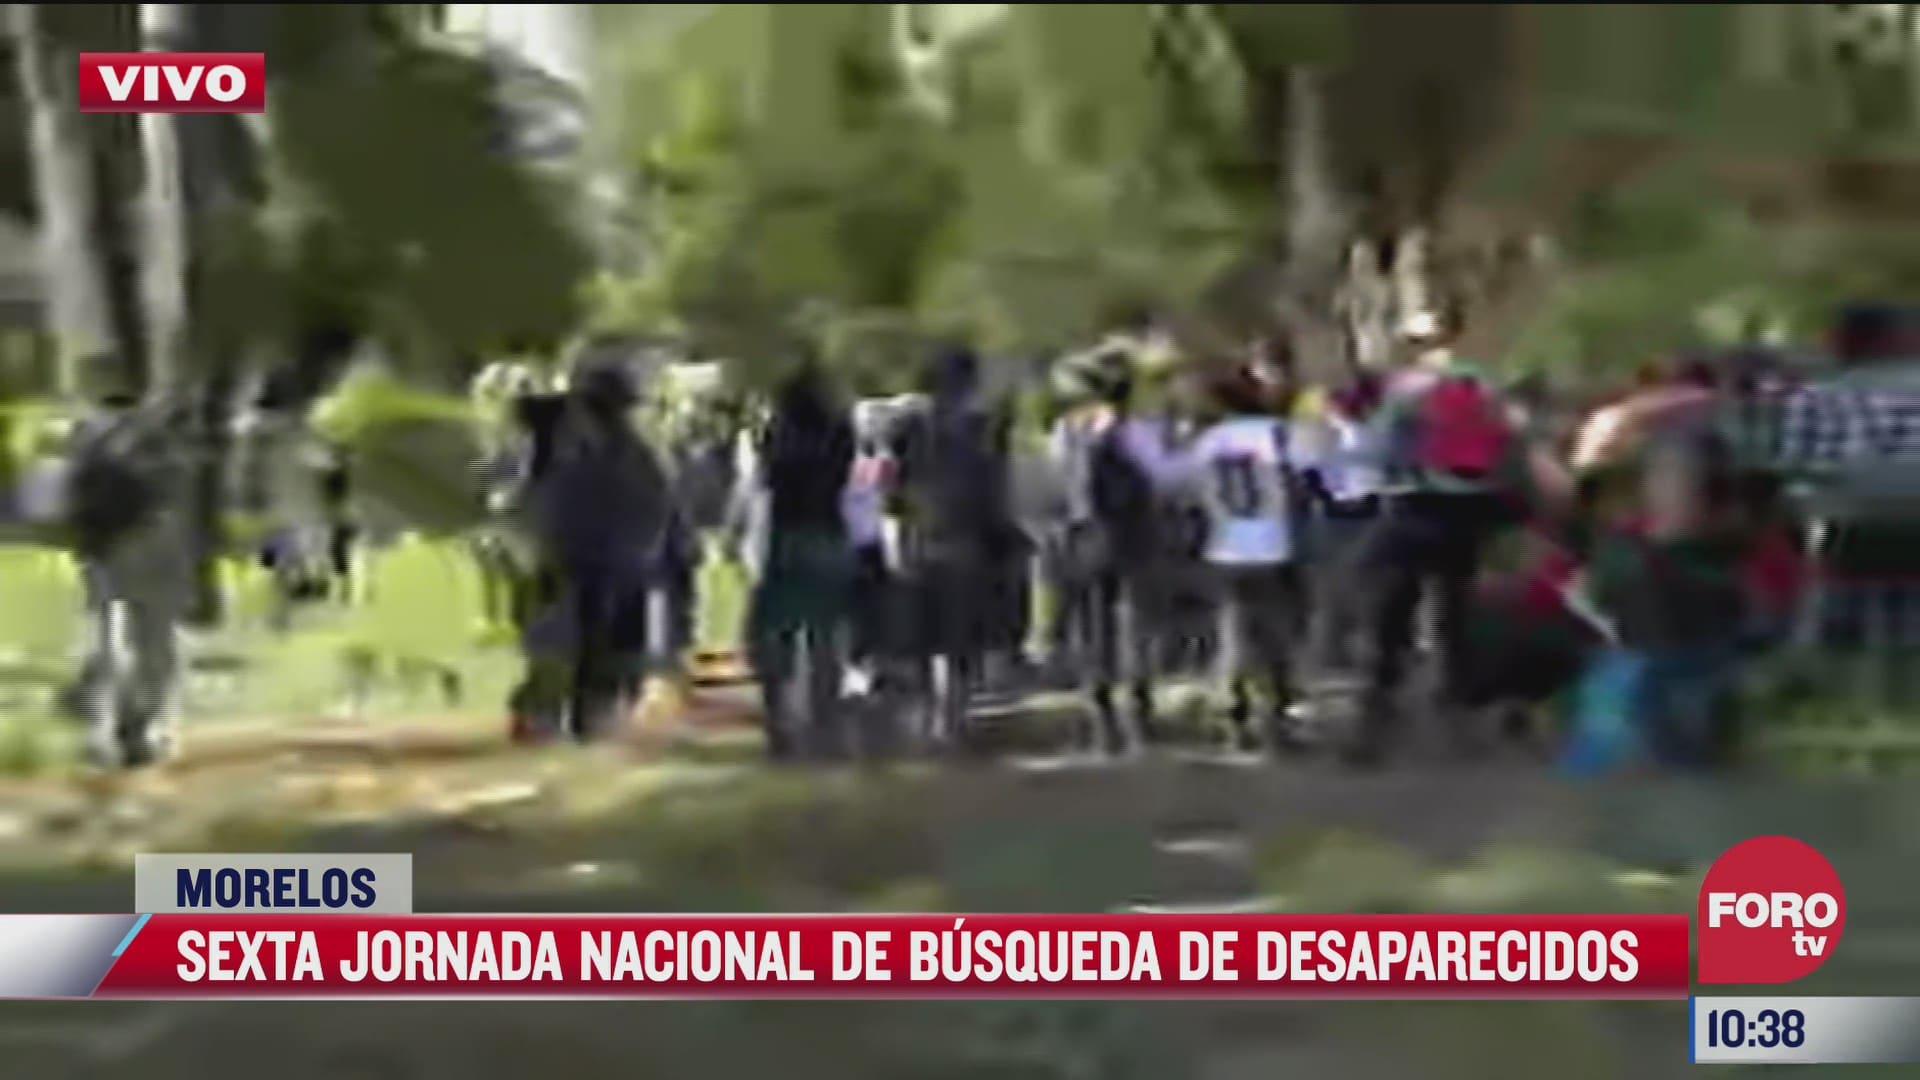 sexta jornada nacional de busqueda de desaparecidos en morelos